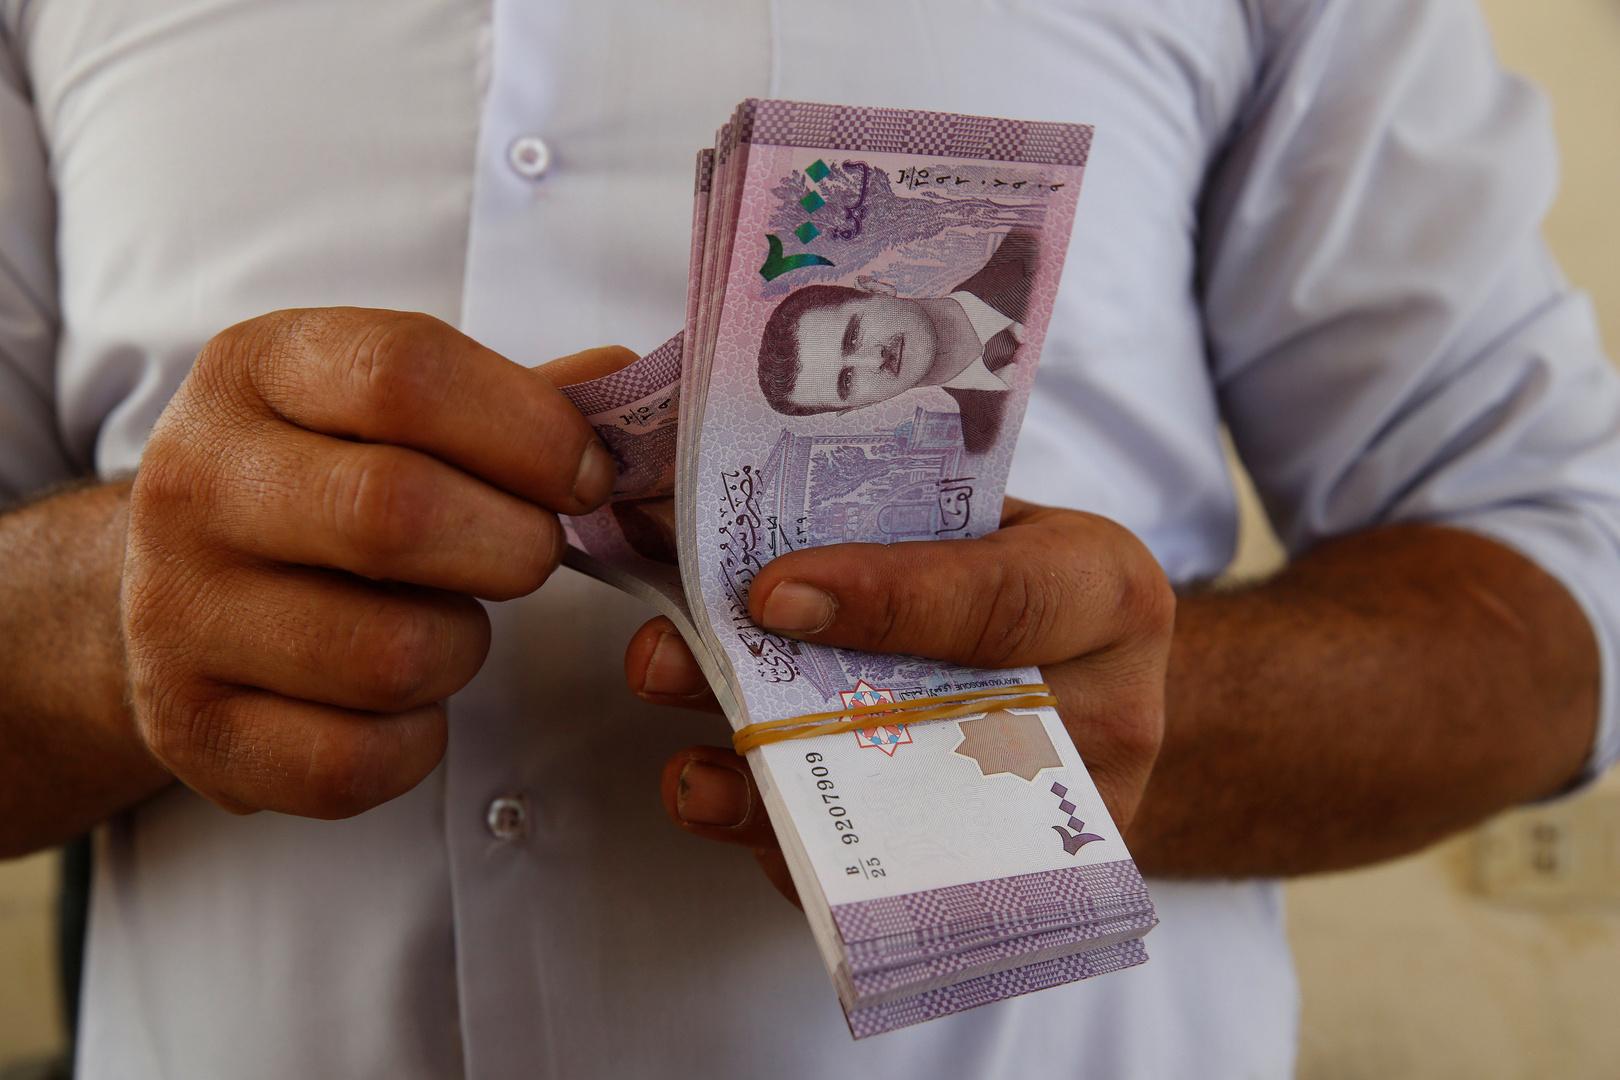 دمشق تقدم تسهيلات للمستثمرين السوريين في مصر لنقل أعمالهم إلى سوريا